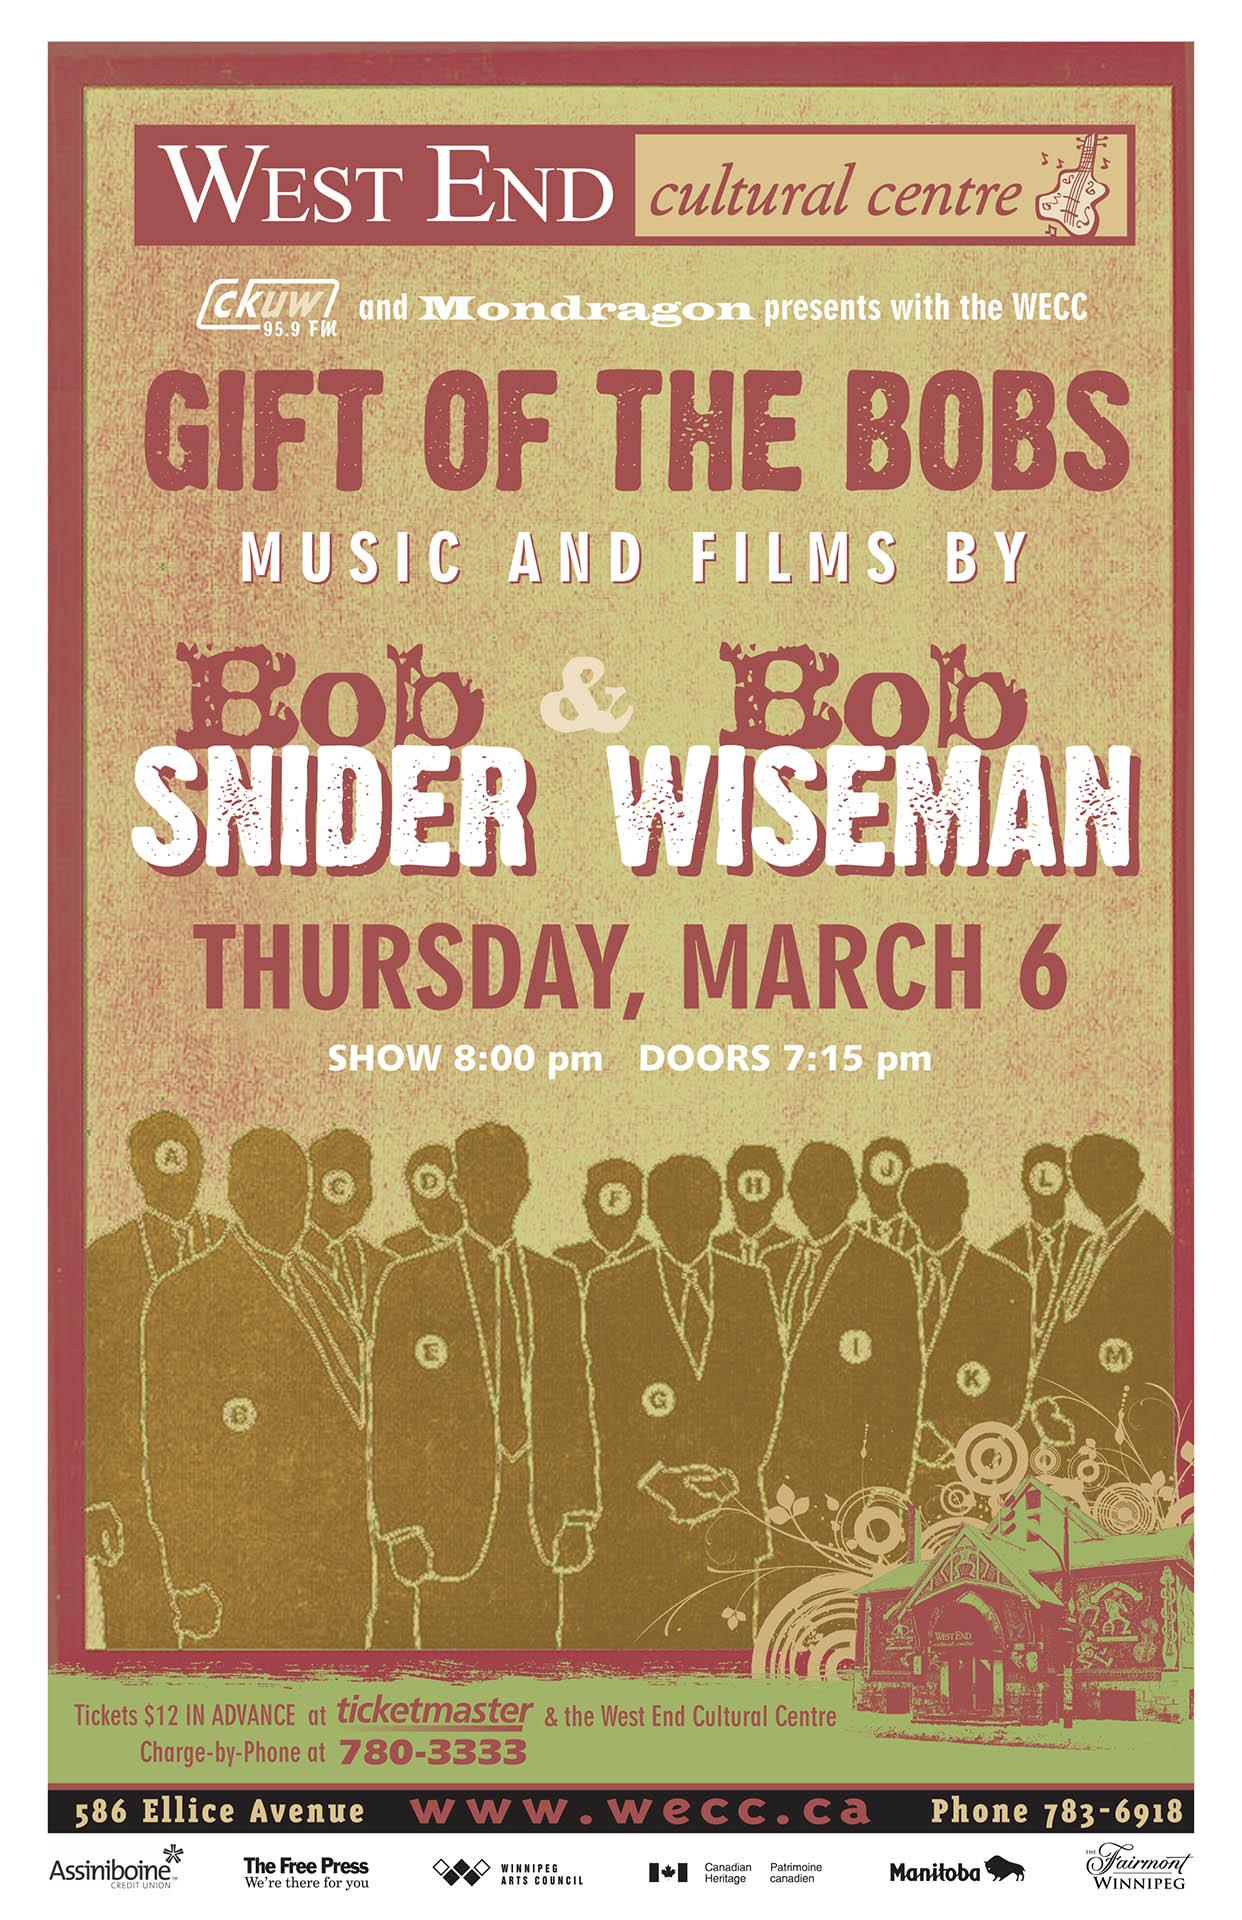 BOB SNIDER & BOB WISEMAN – 2008